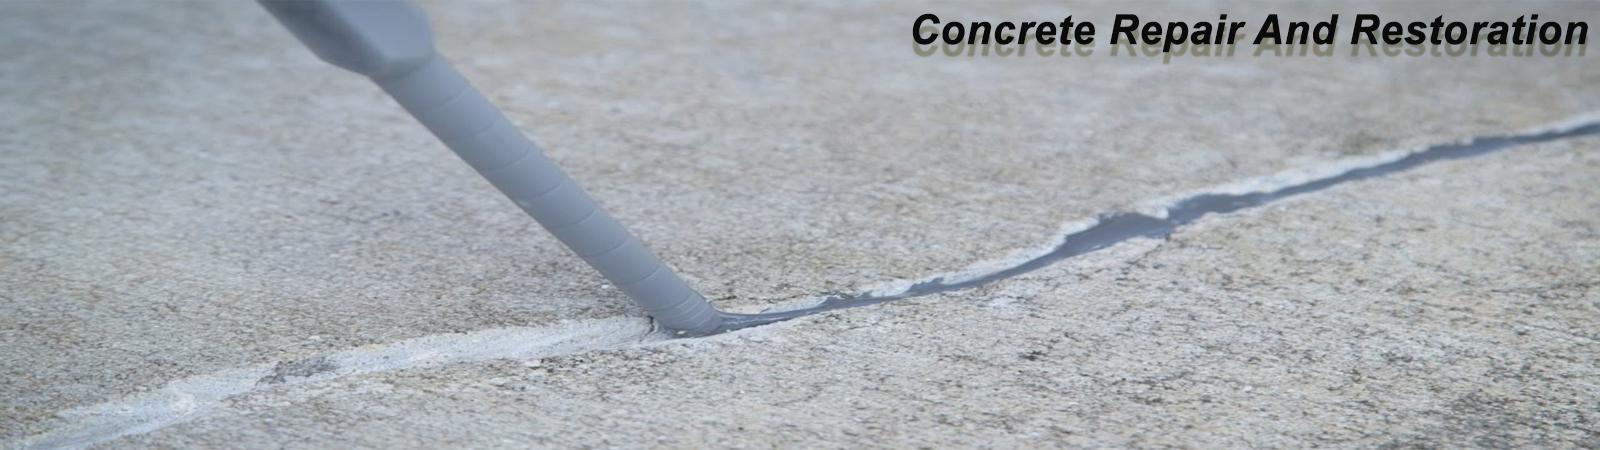 modifier additive latex Concrete